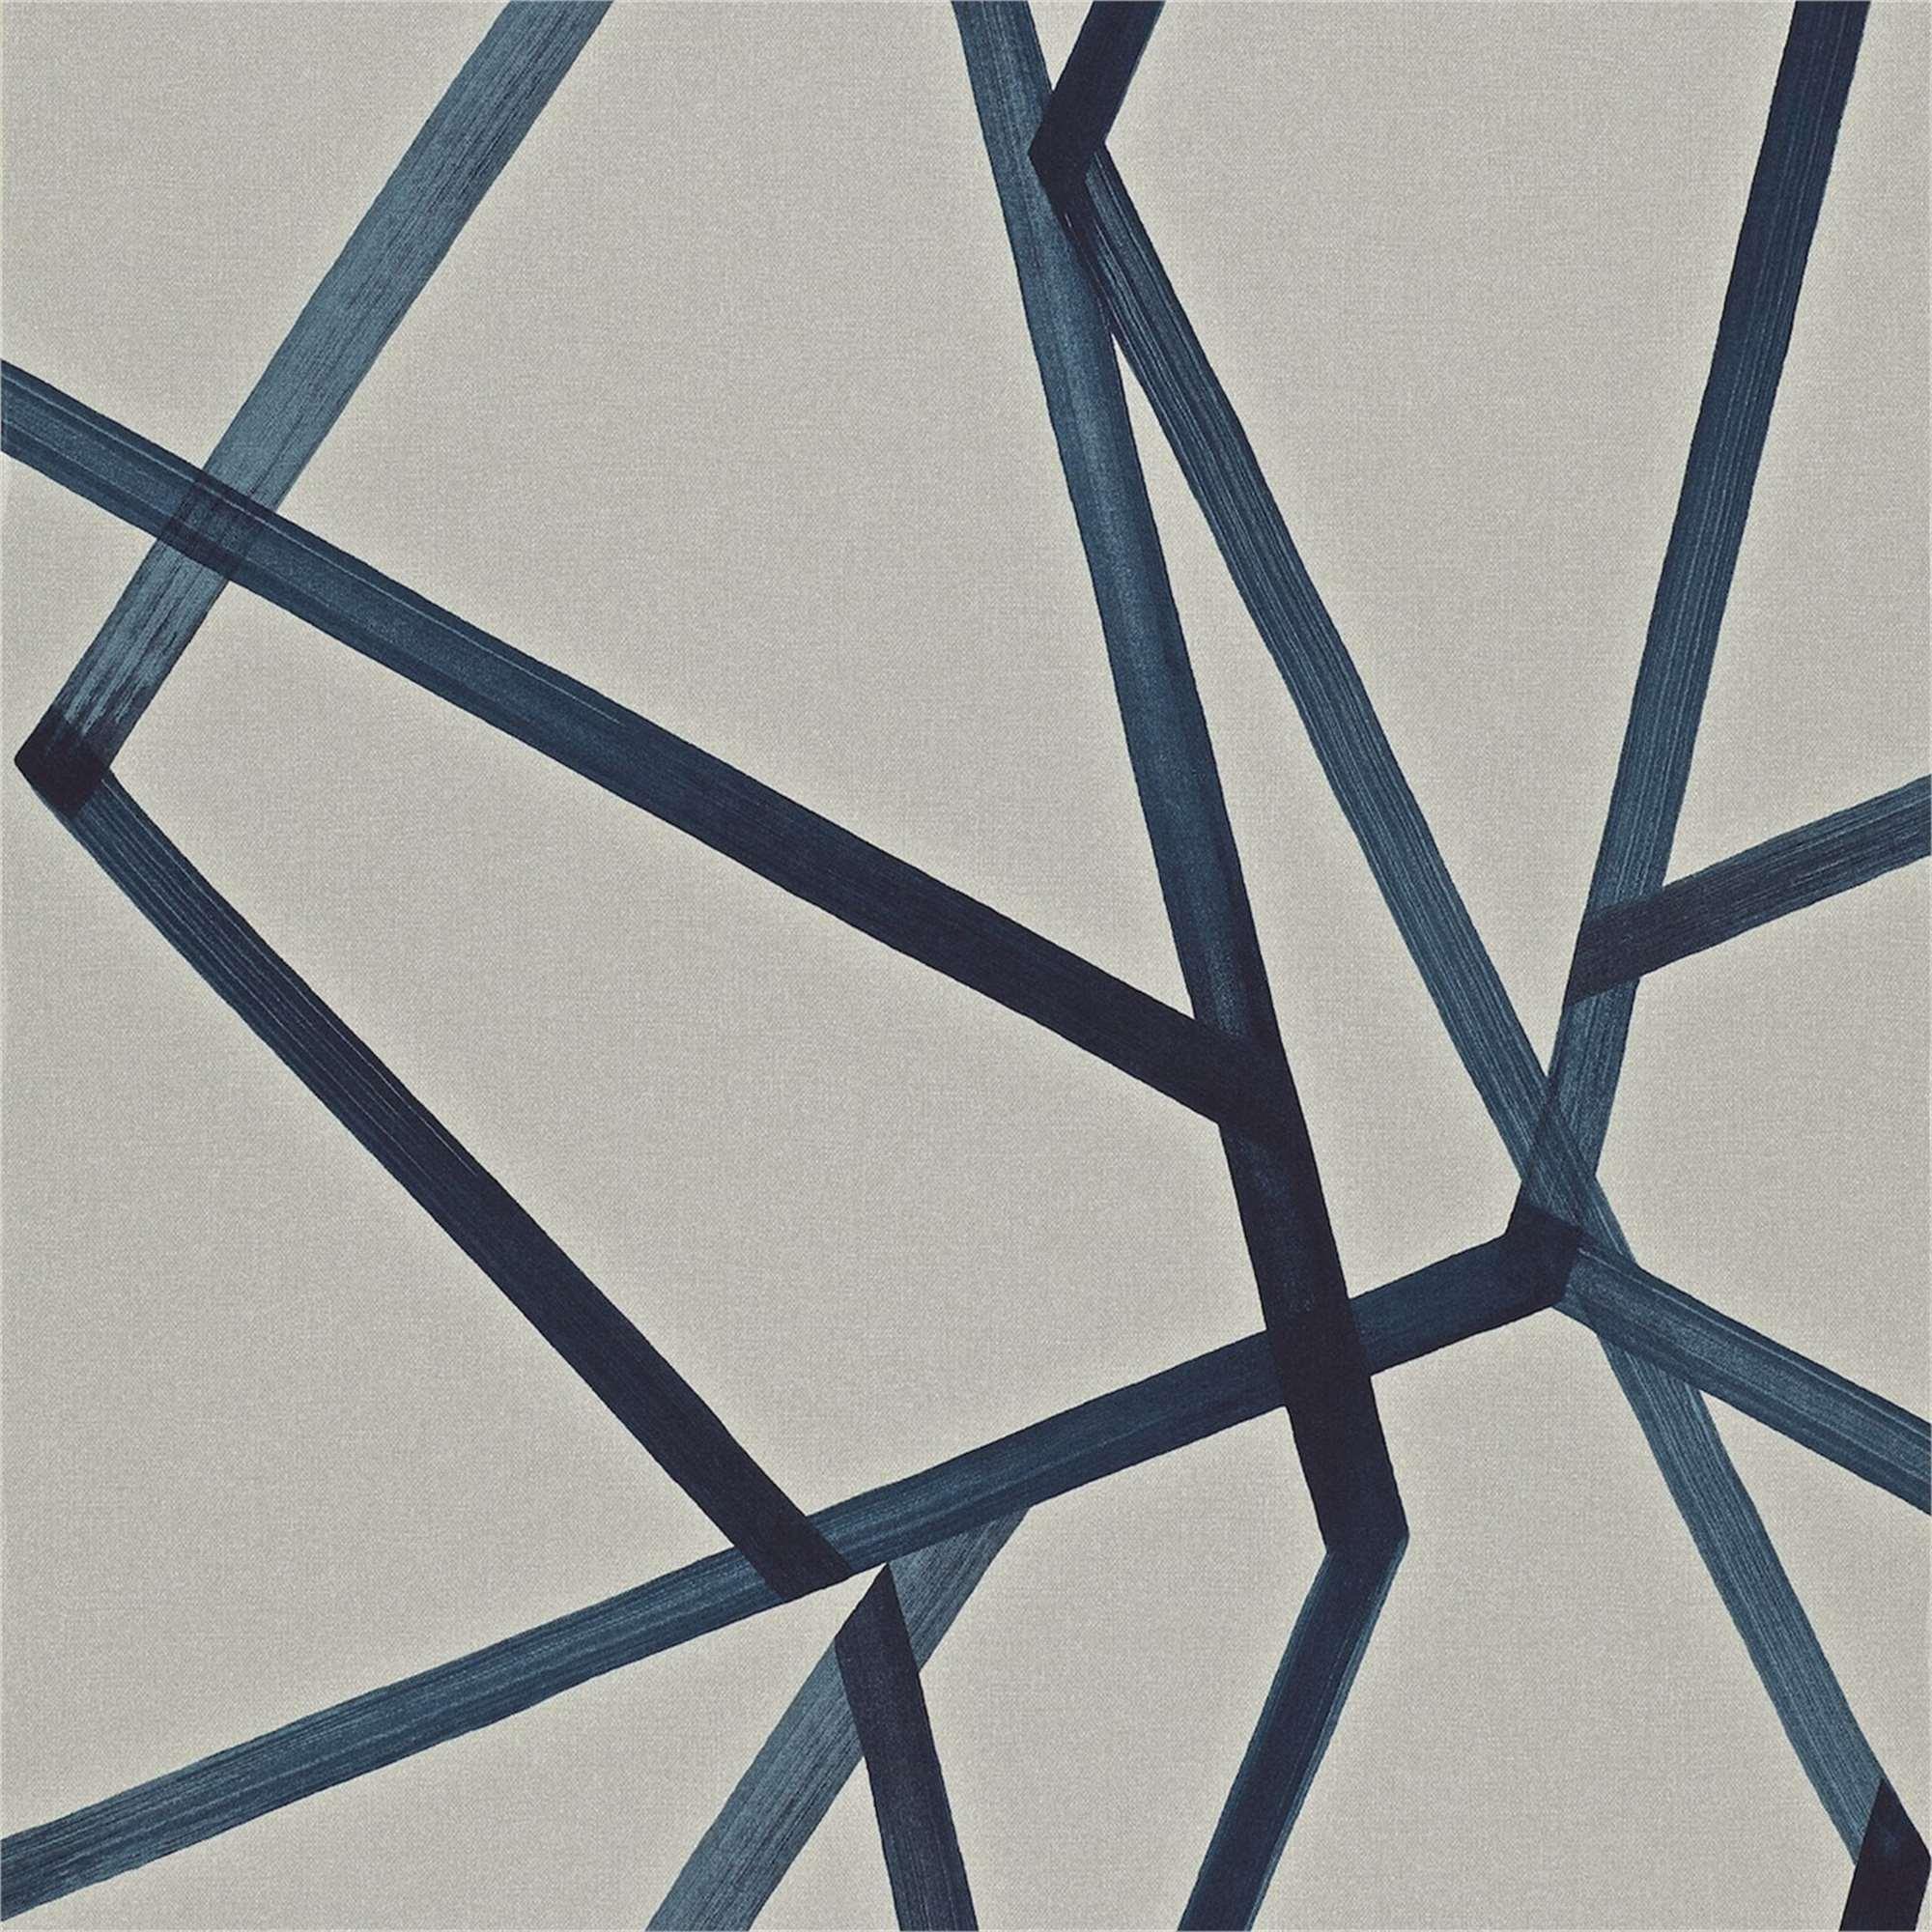 Carta Da Parati Geometrica.Rotolo Carta Da Parati Fantasia Geometrica Tina Codazzo Home